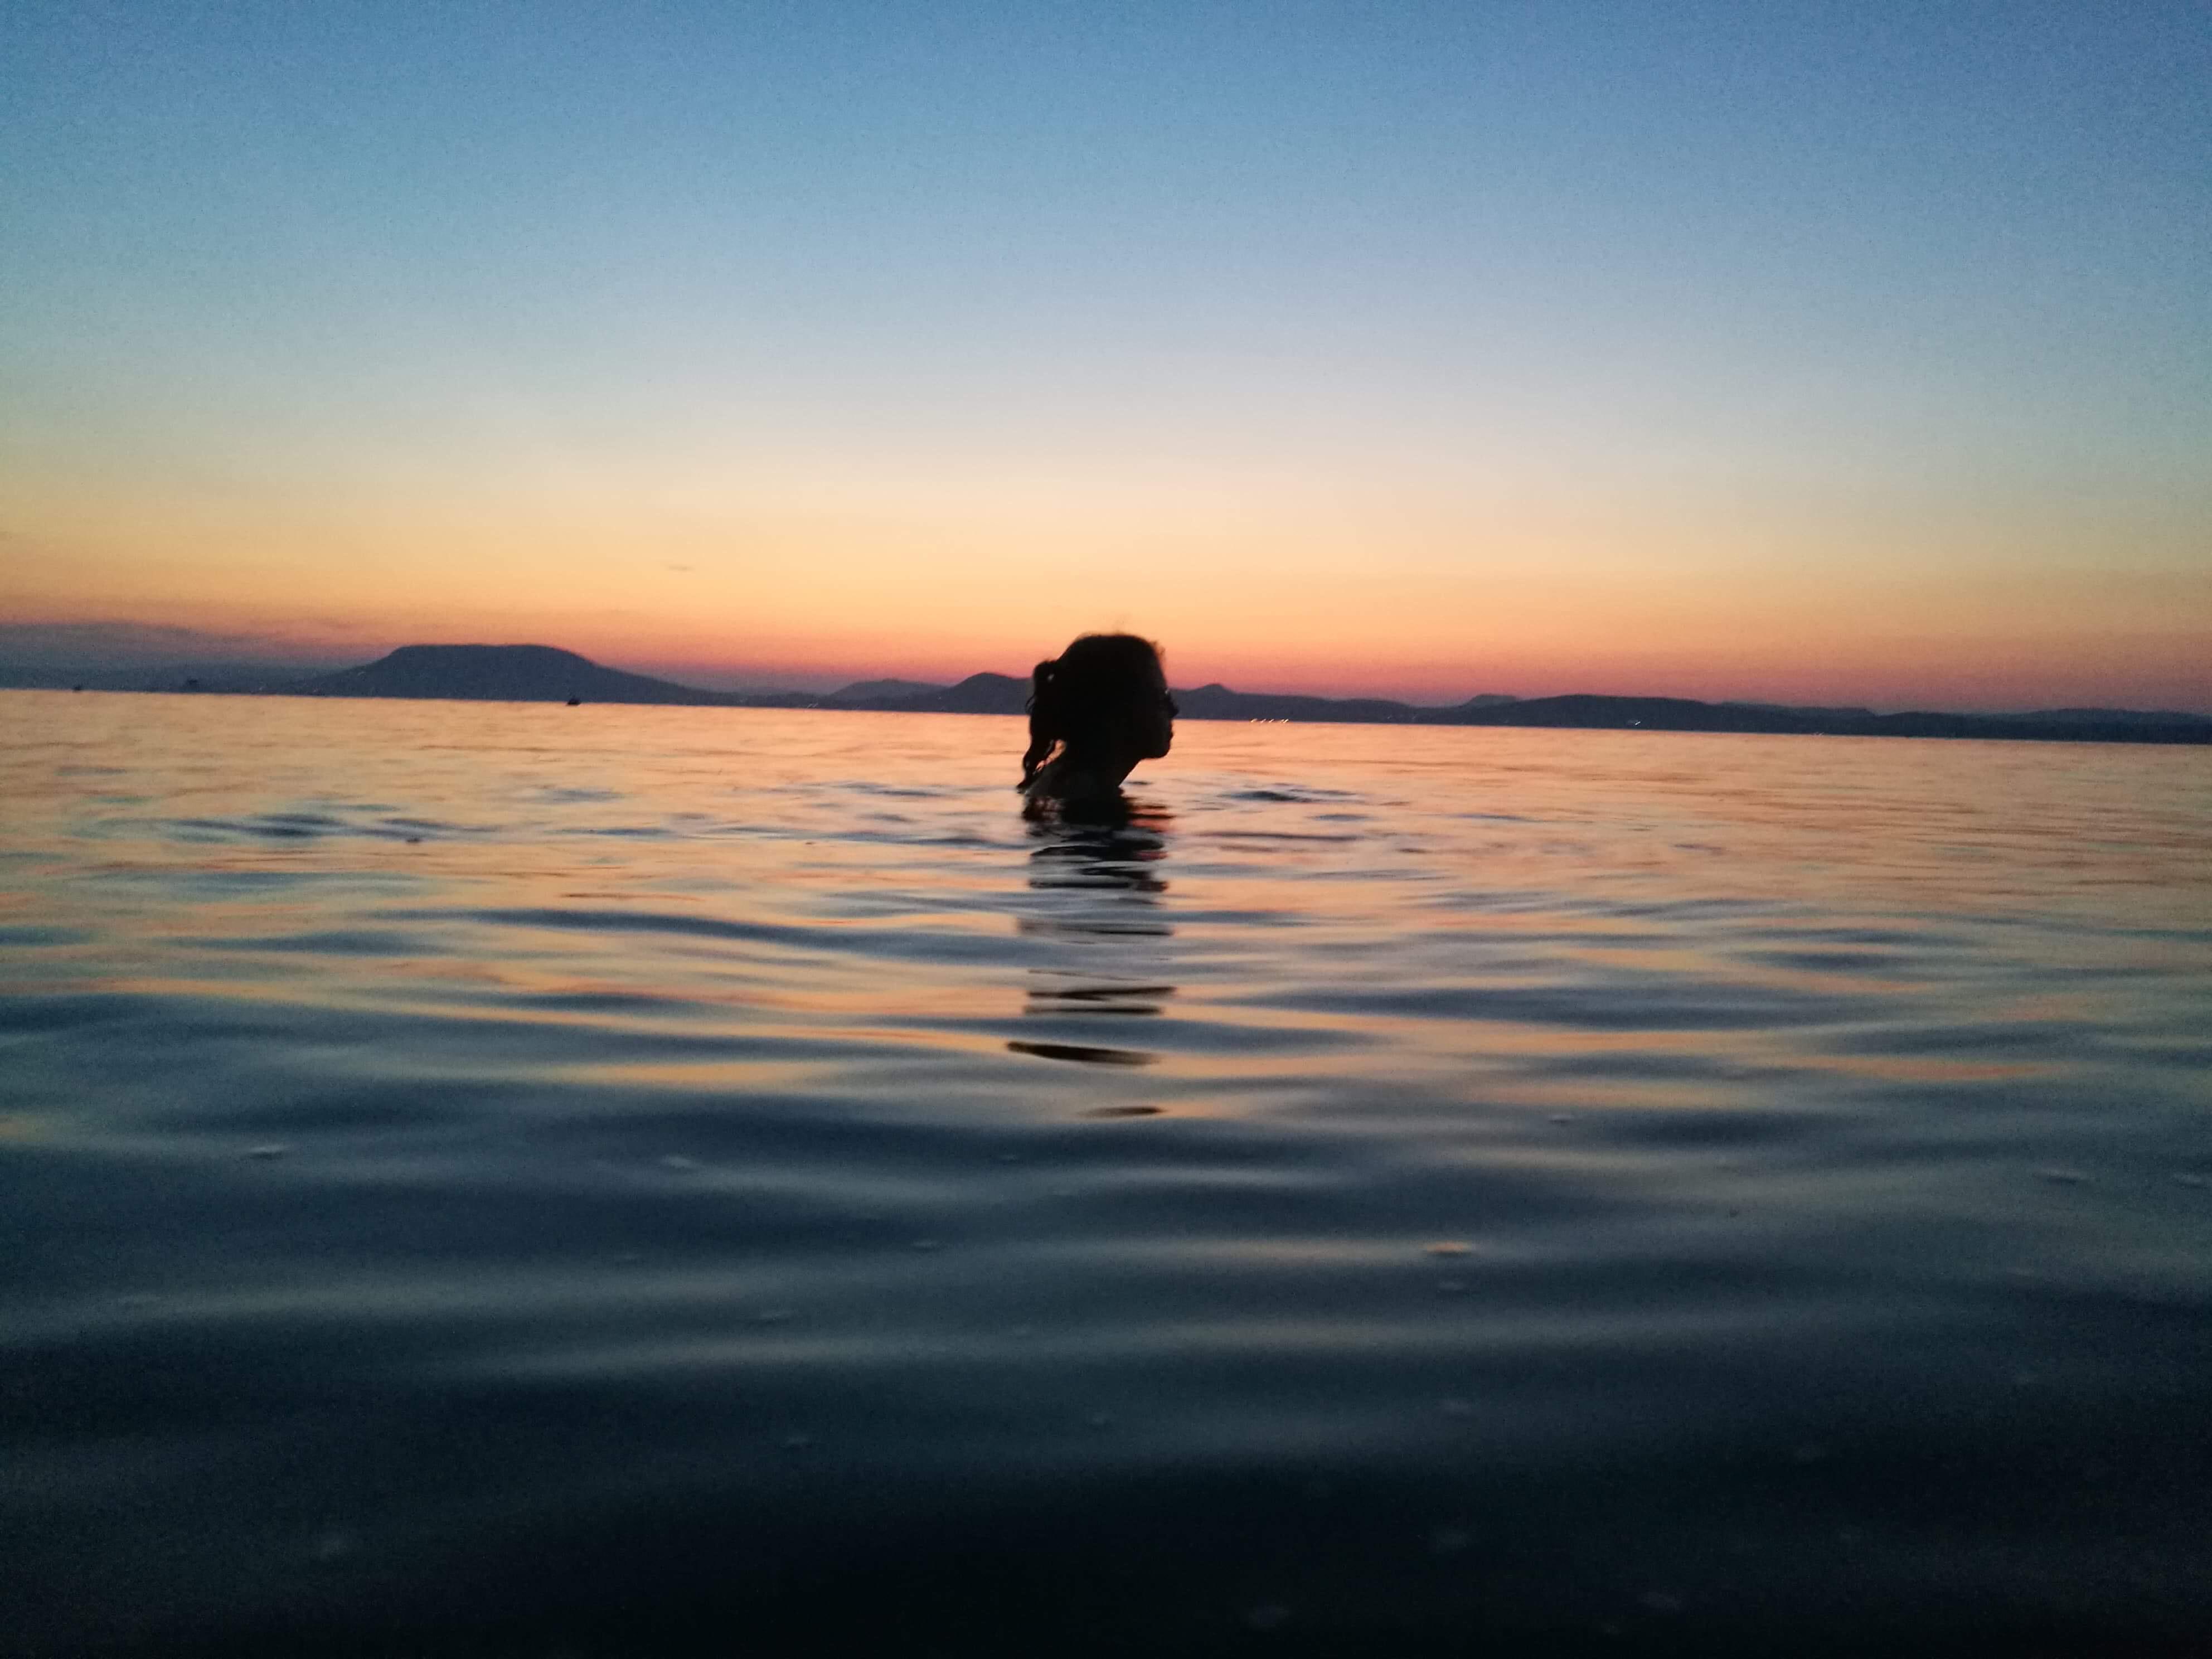 Esti fürdőzés (Olvasói fotó: Filyó Kíra)